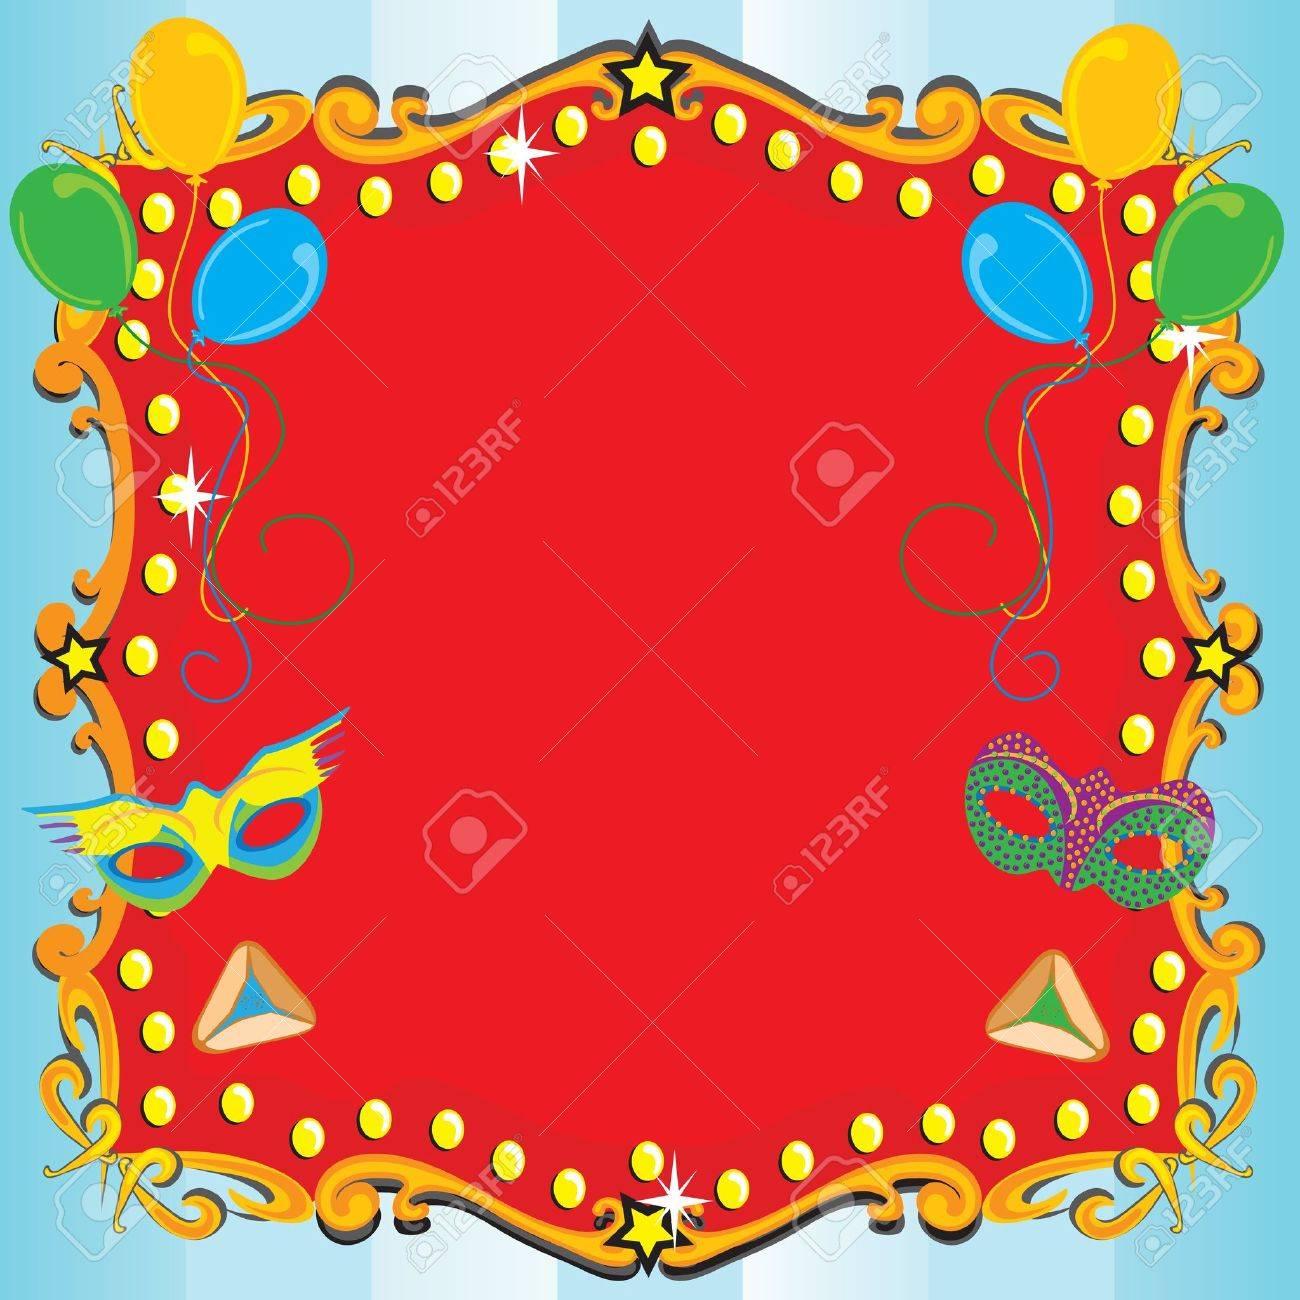 purim karneval party-einladung plakat mit rotem festzelt, Einladungen